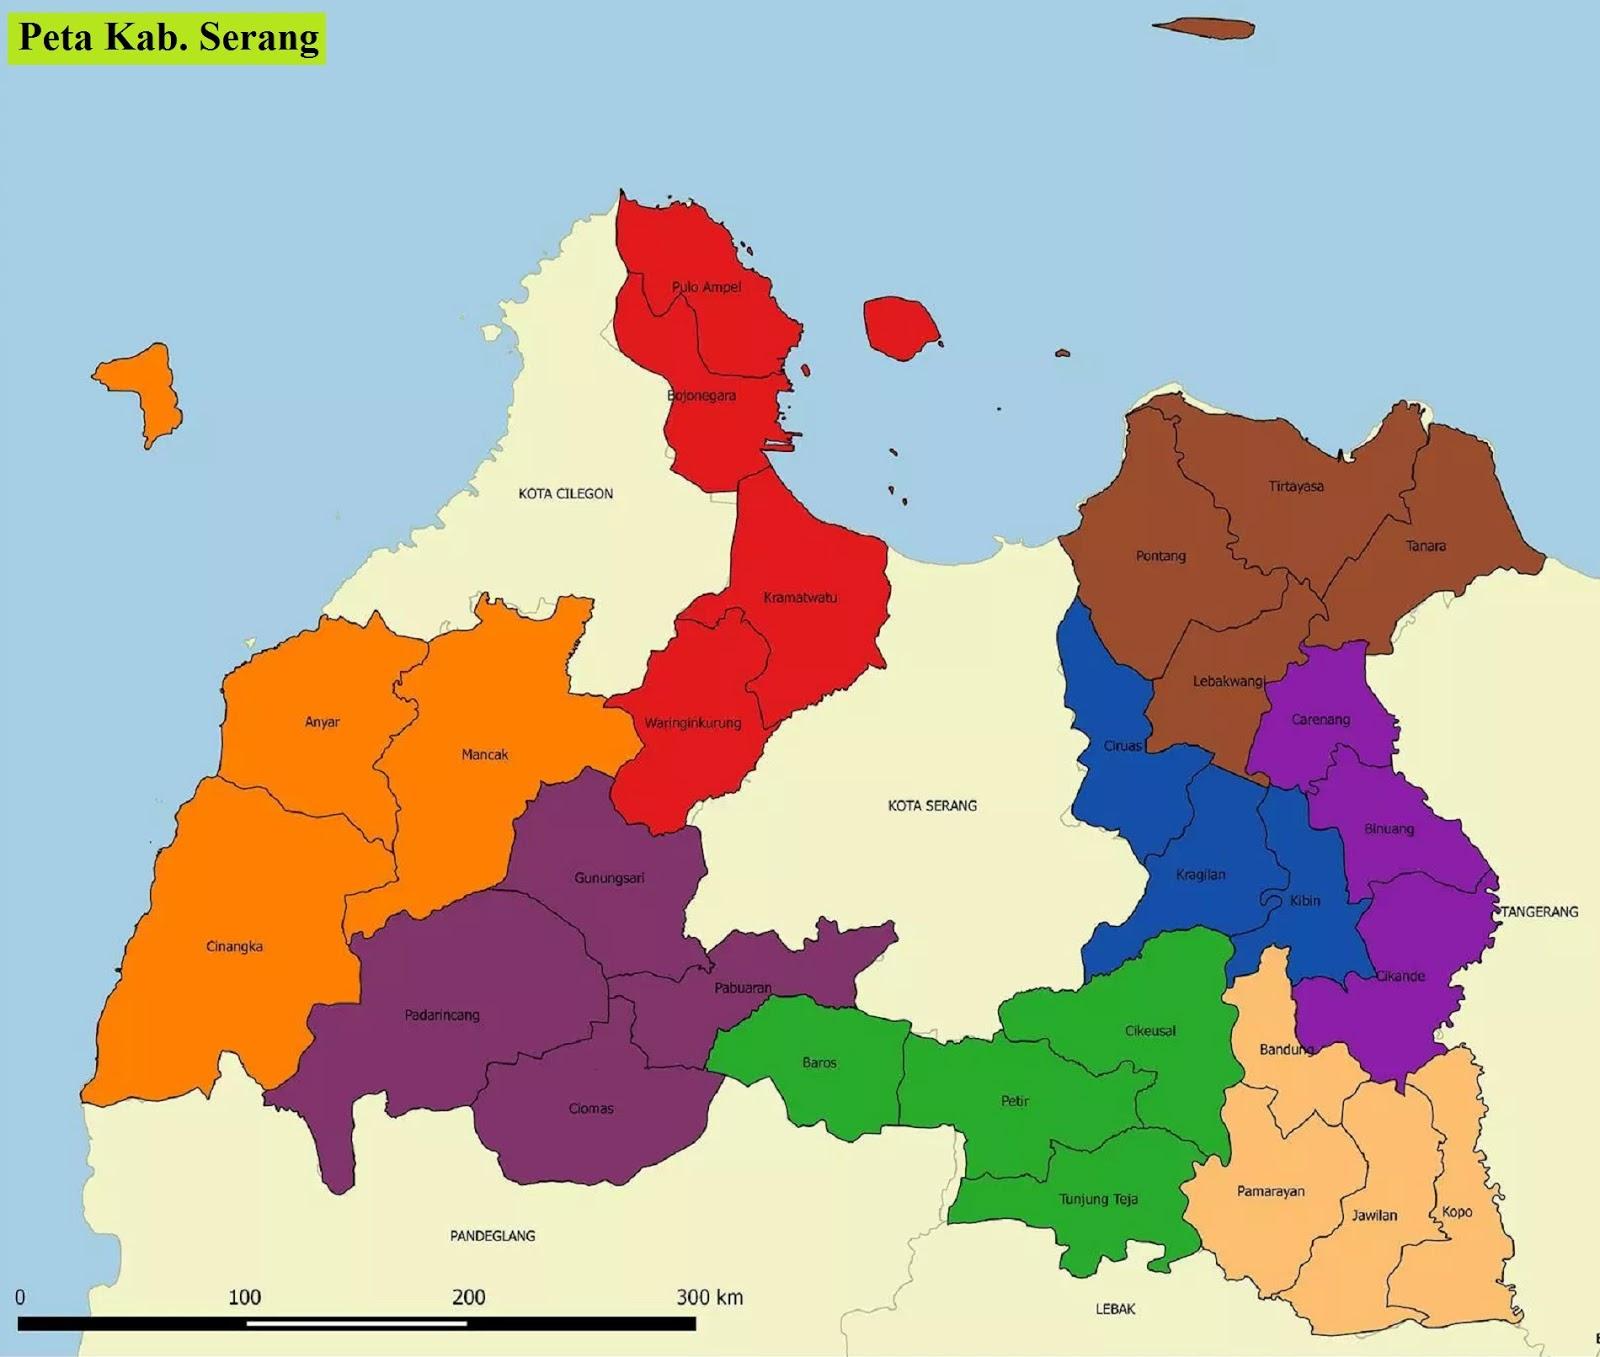 Peta Kabupaten Serang